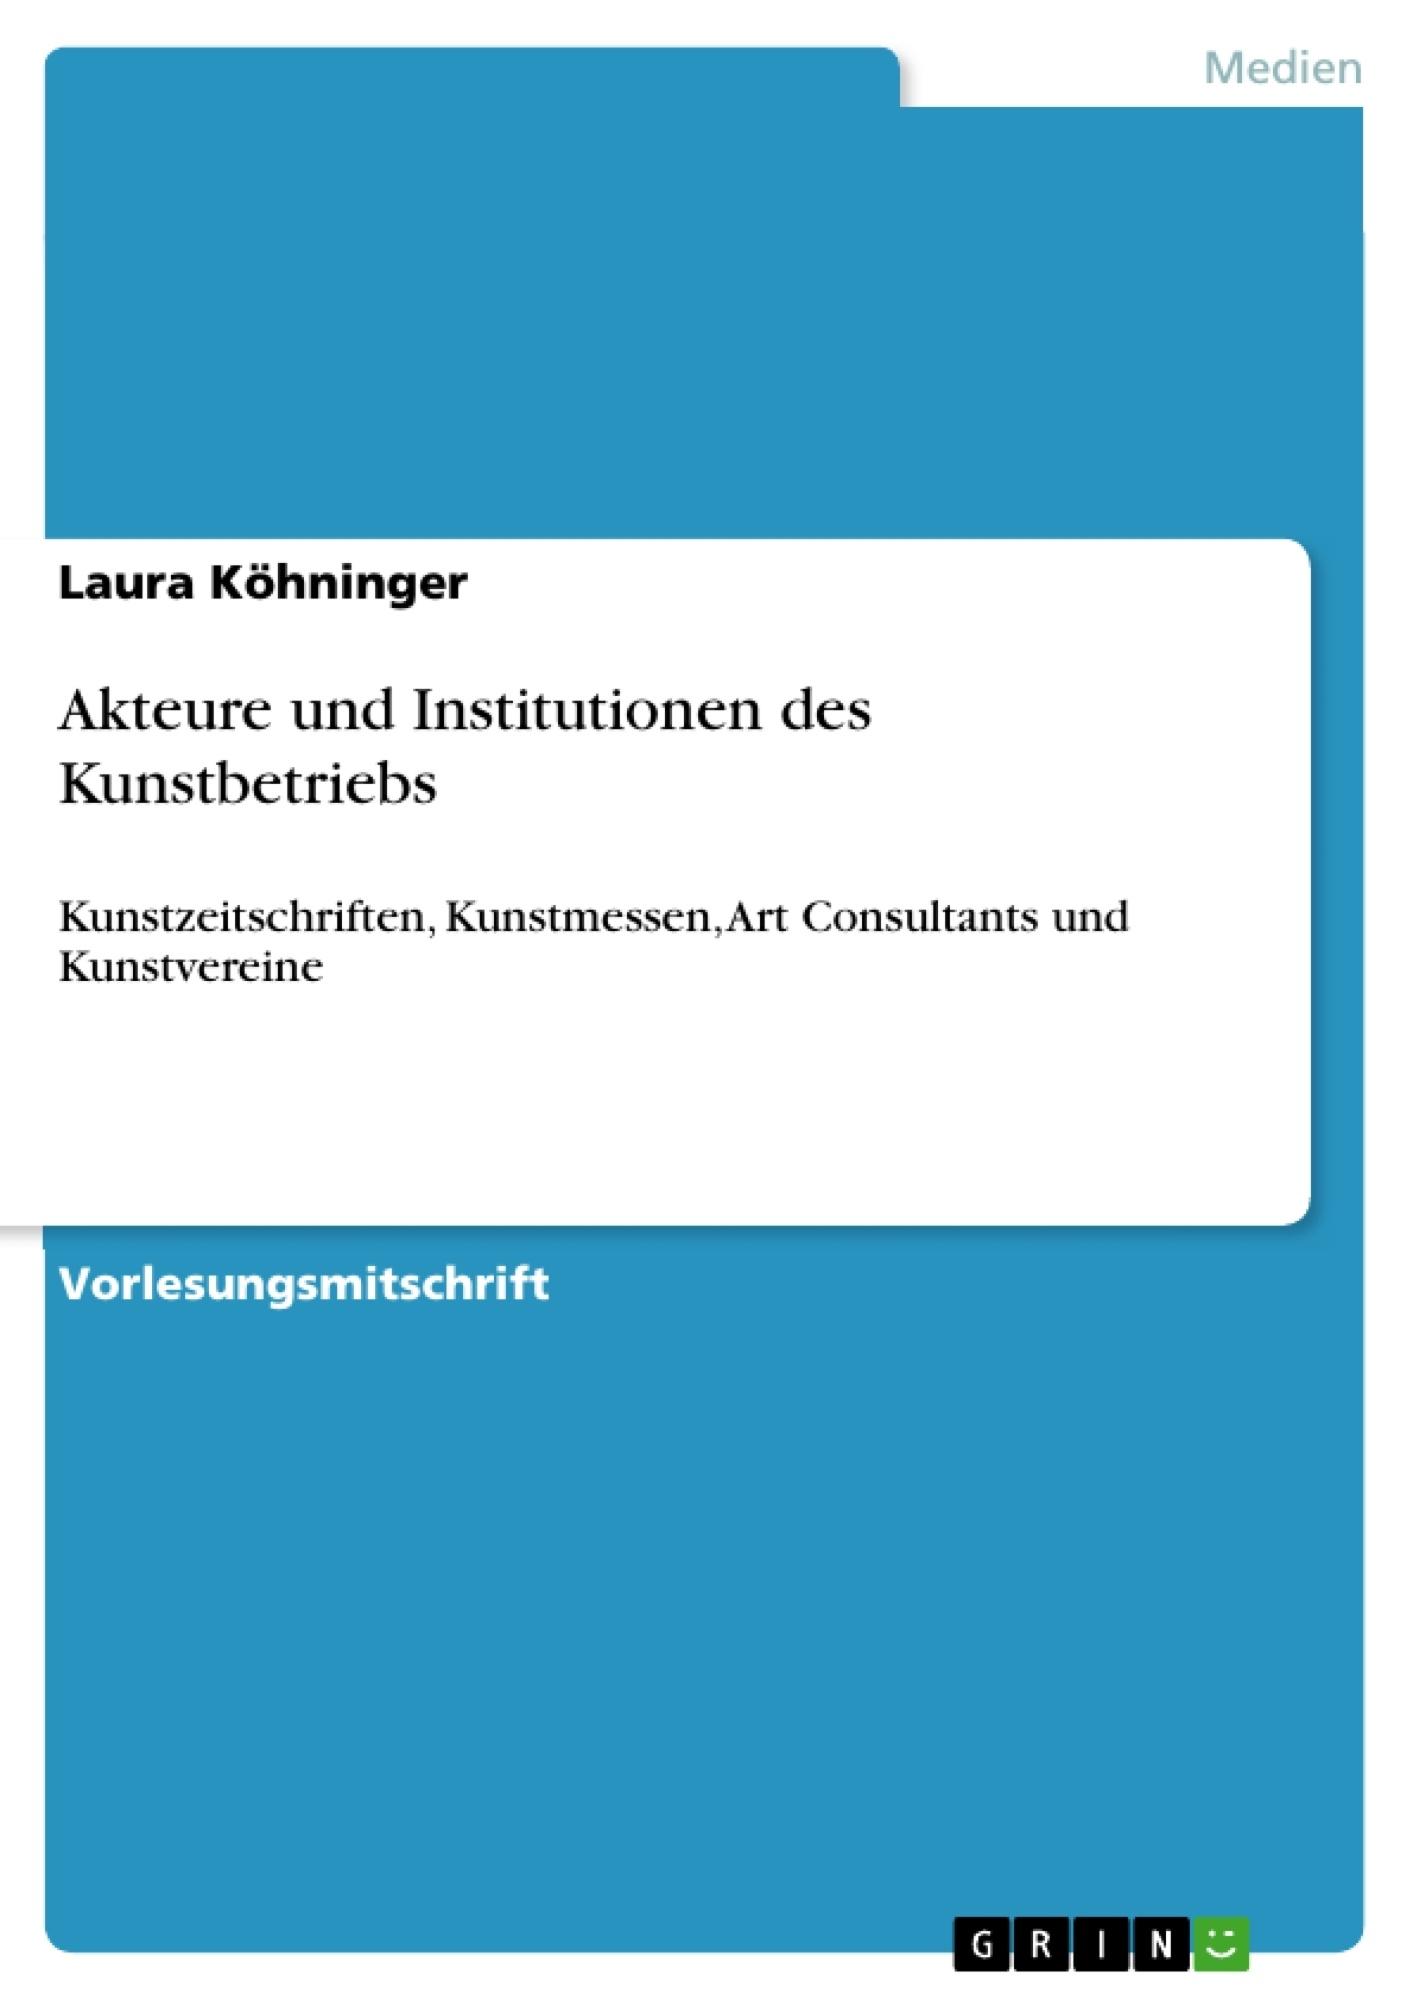 Titel: Akteure und Institutionen des Kunstbetriebs